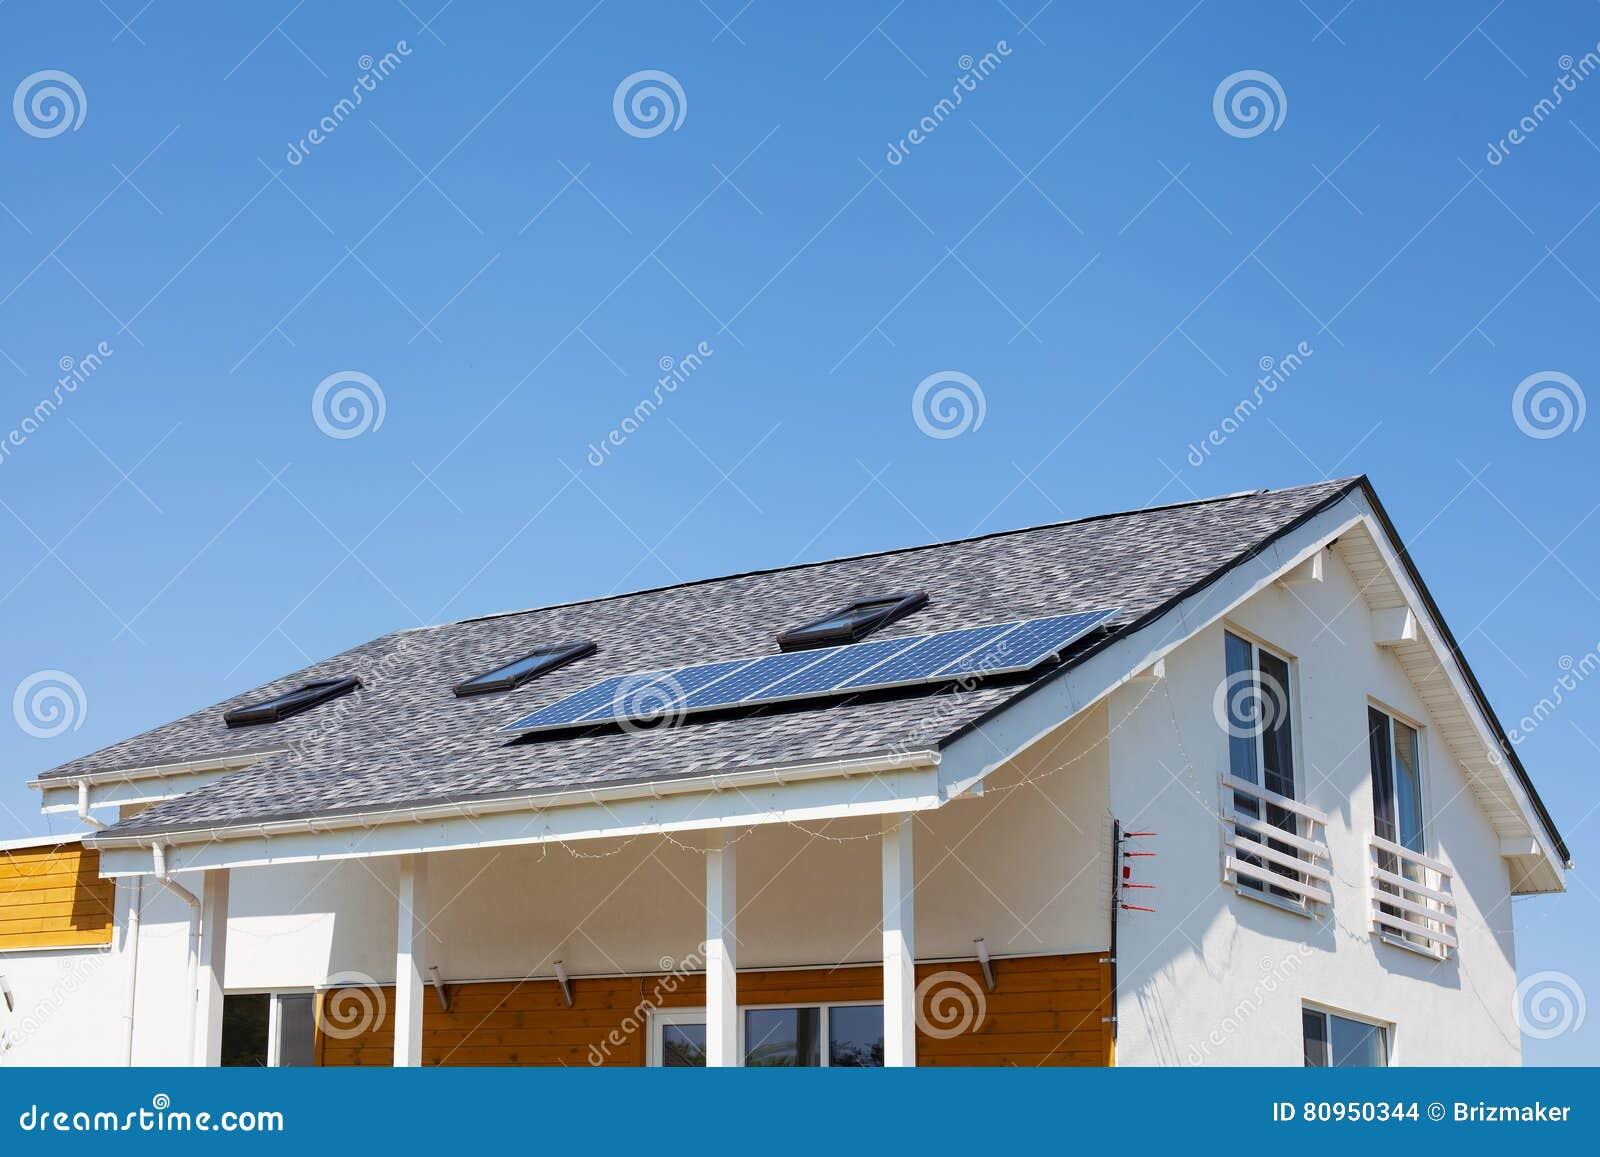 panneau solaire chauffage maison panneau solaire chauffage maison with panneau solaire. Black Bedroom Furniture Sets. Home Design Ideas